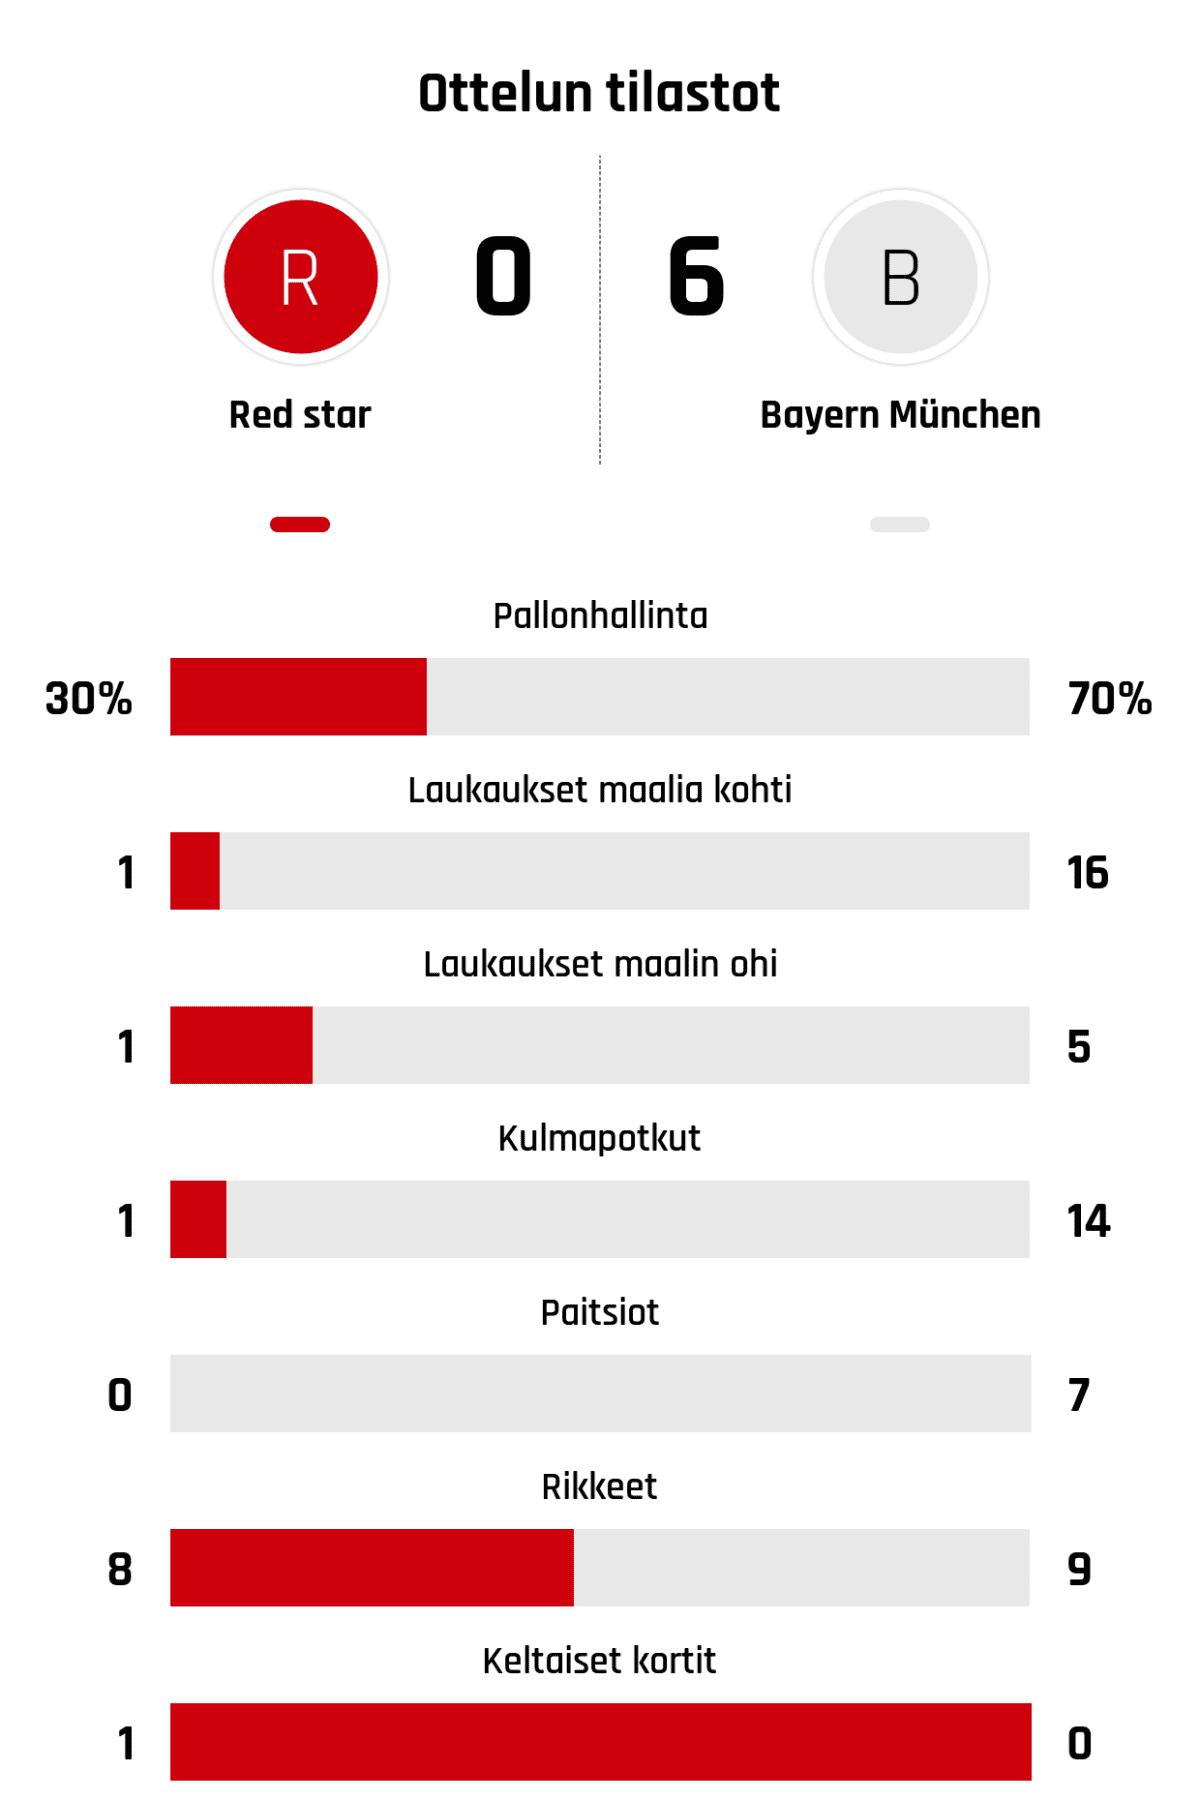 Pallonhallinta 30%-70% Laukaukset maalia kohti 1-16 Laukaukset maalin ohi 1-5 Kulmapotkut 1-14 Paitsiot 0-7 Rikkeet 8-9 Keltaiset kortit 1-0